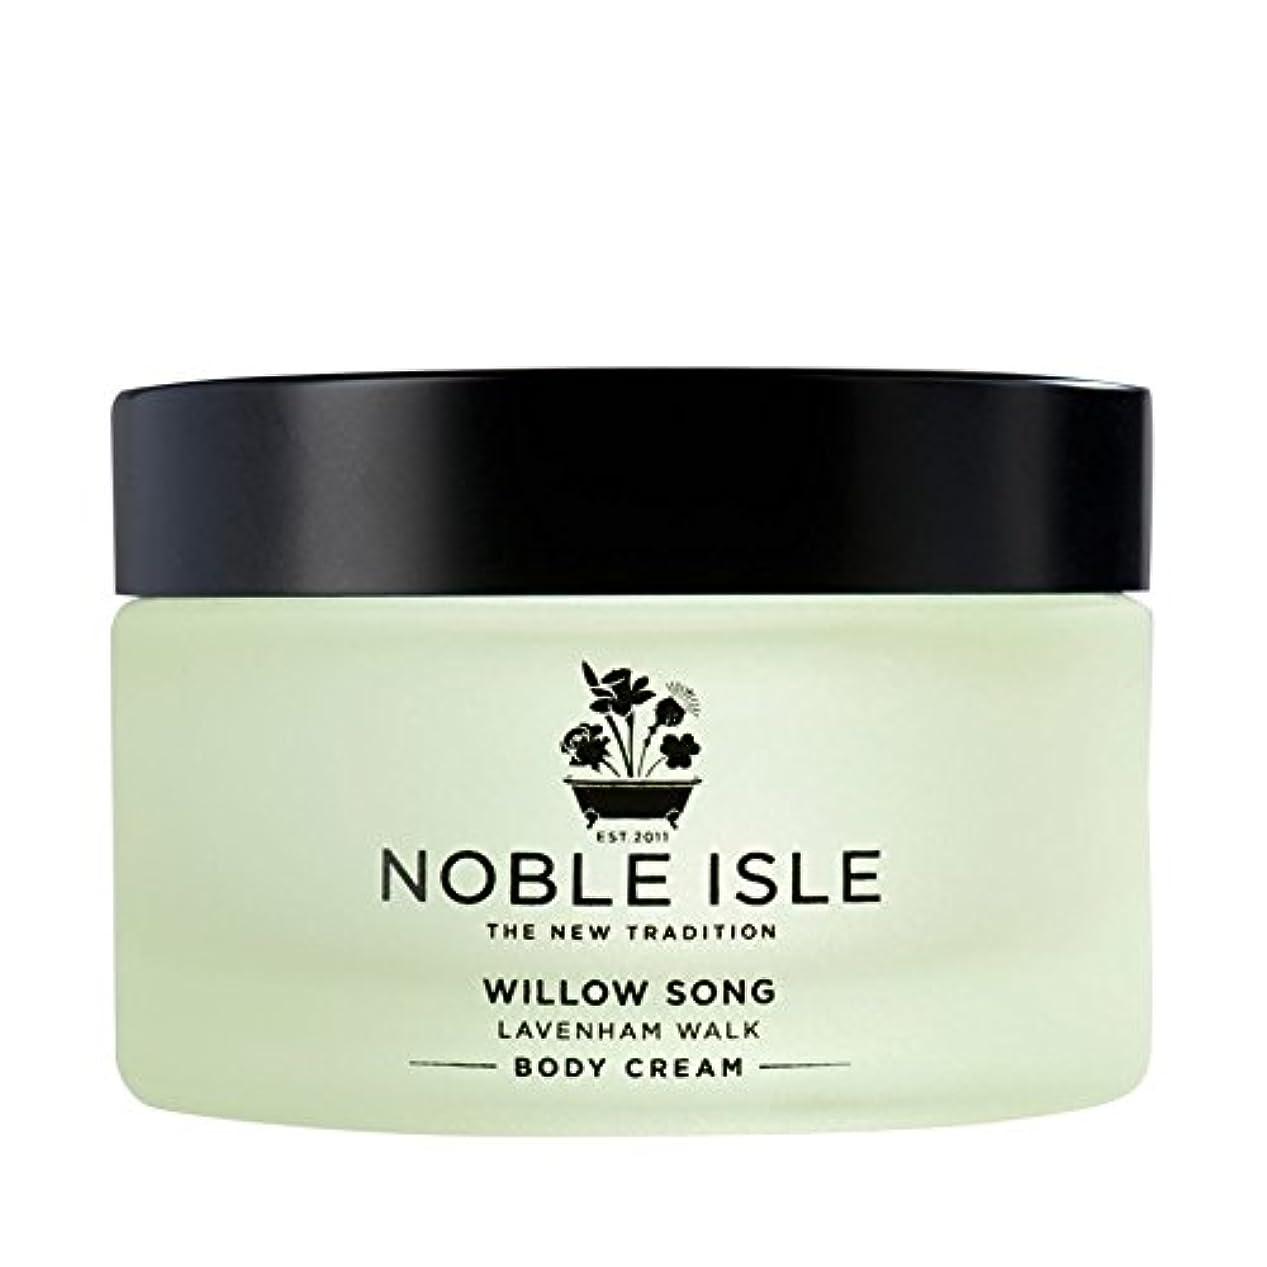 レオナルドダスケート最初にNoble Isle Willow Song Lavenham Walk Body Cream 170ml (Pack of 6) - 高貴な島柳の歌ラヴァンハム徒歩ボディクリーム170ミリリットル x6 [並行輸入品]